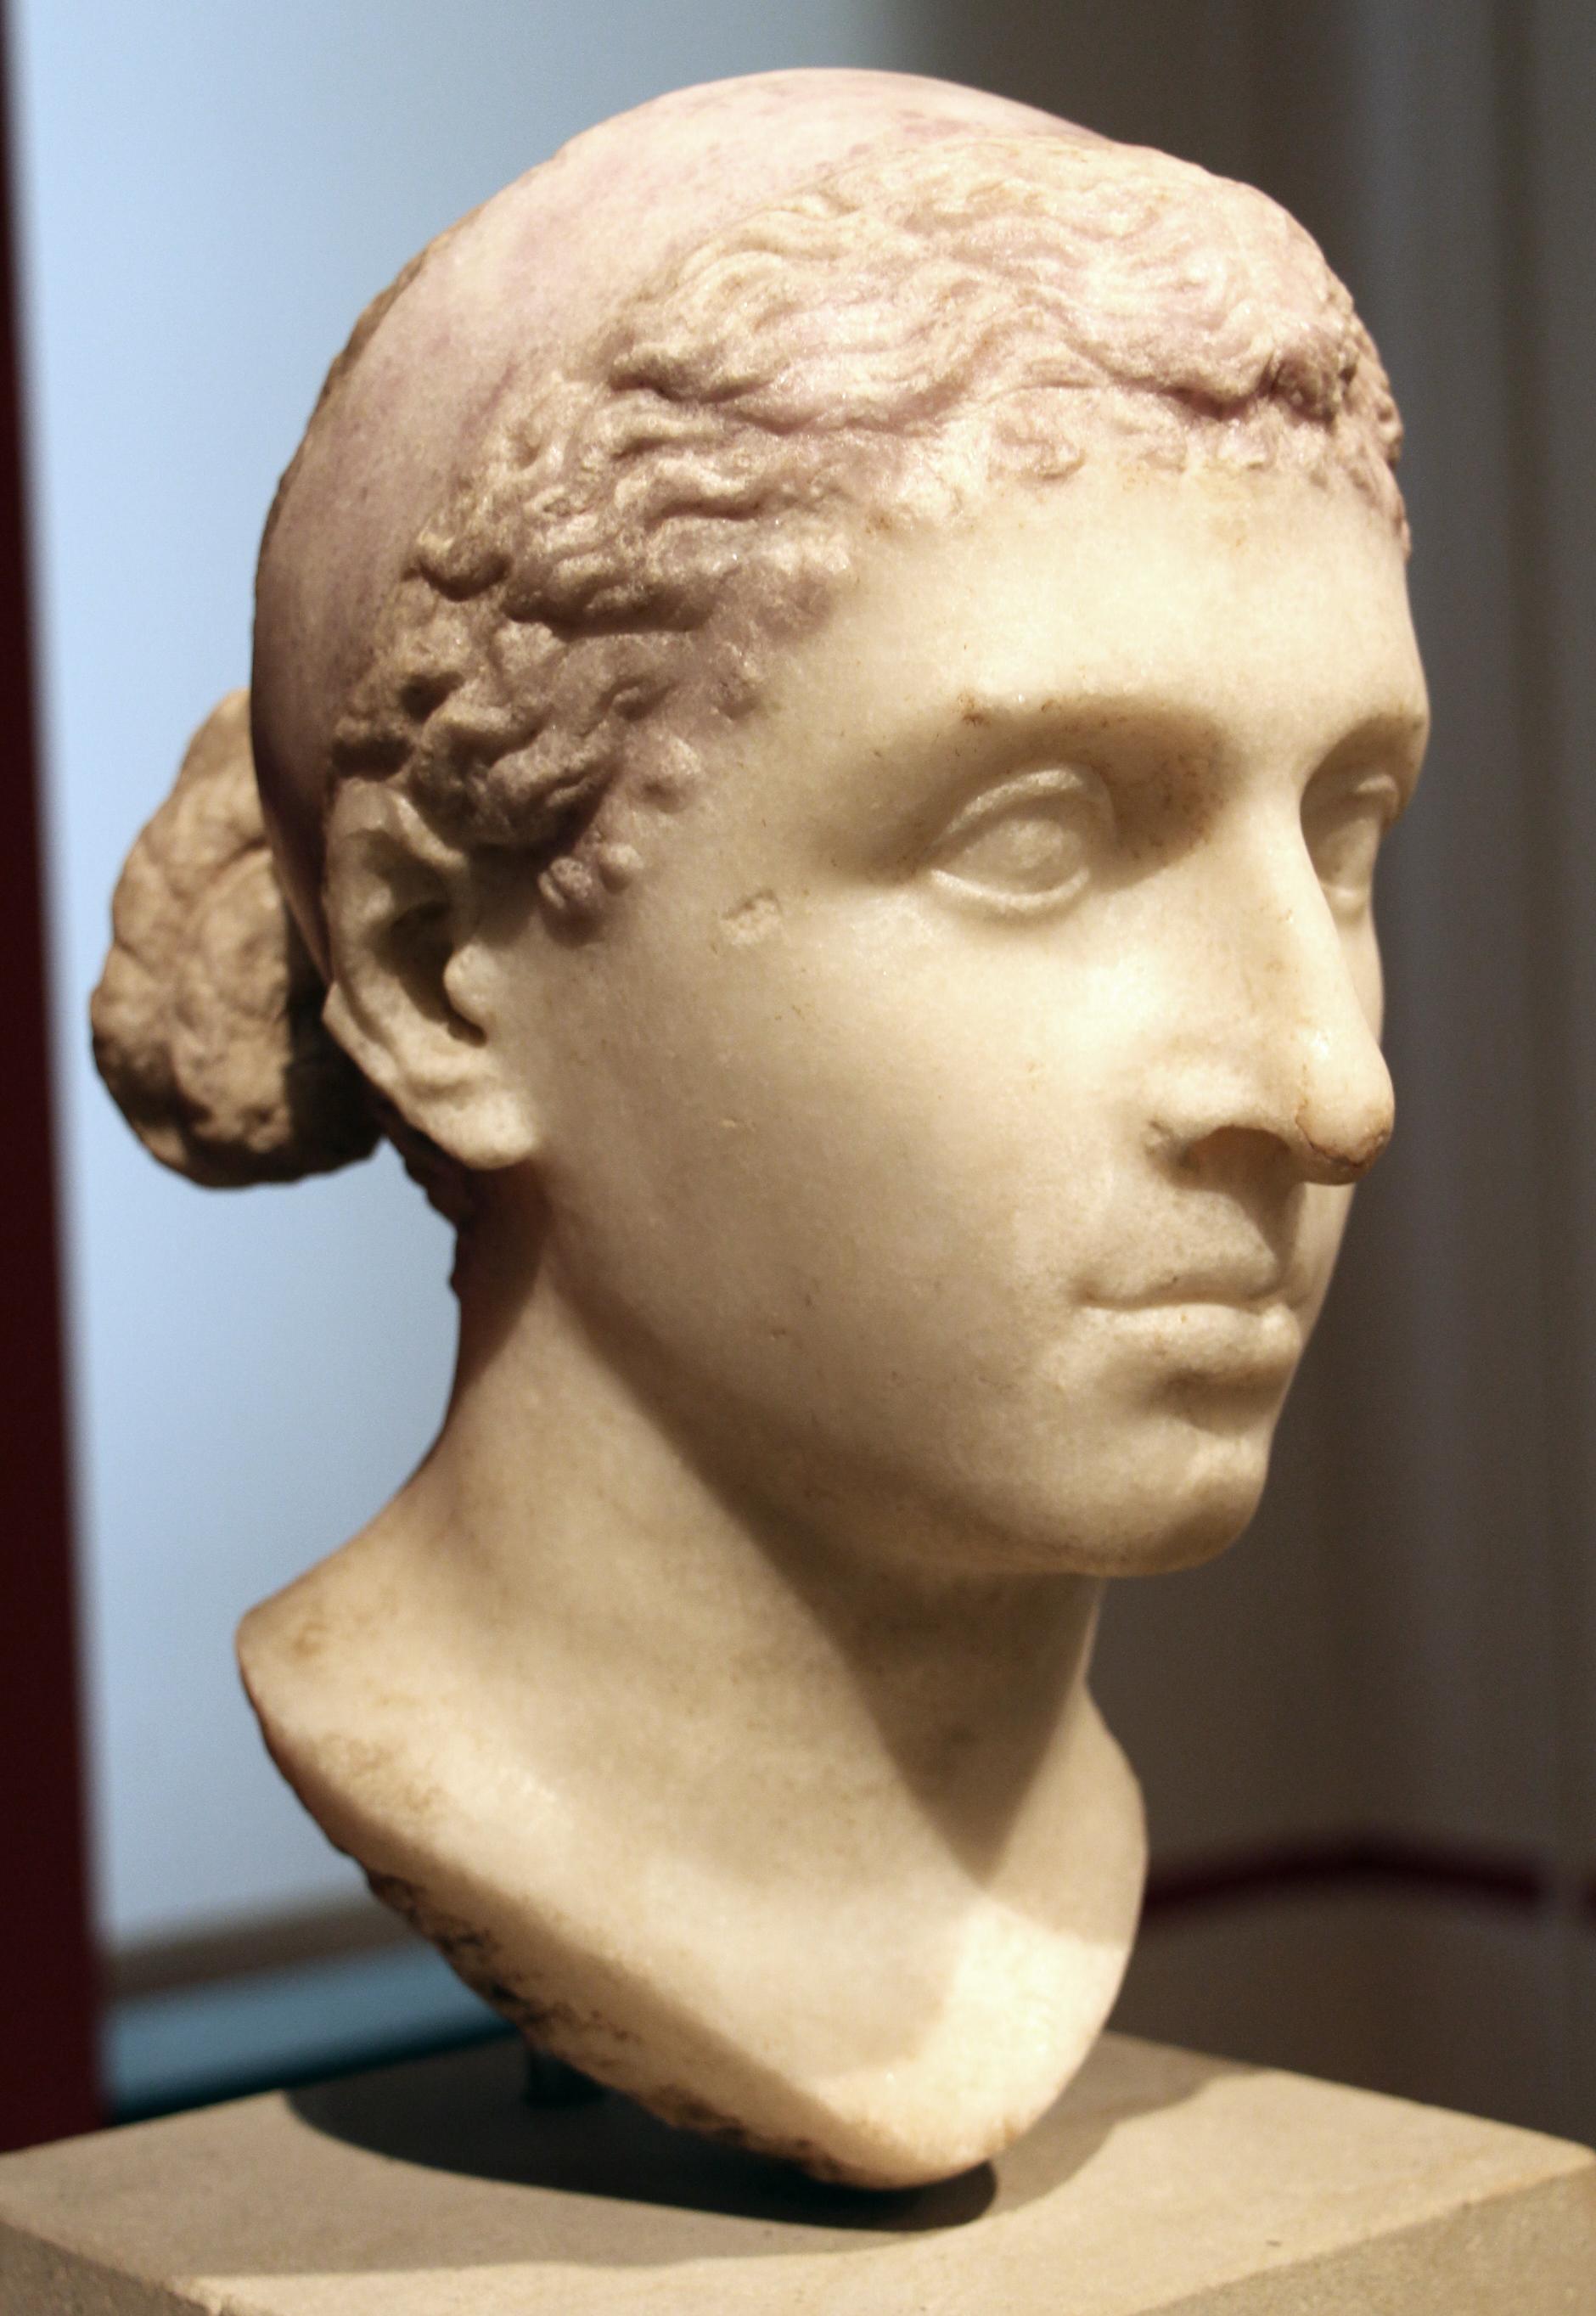 Cleopatra_VII,_dalla_via_appia_tra_ariccia_e_genzano,_40-30_ac_ca._02